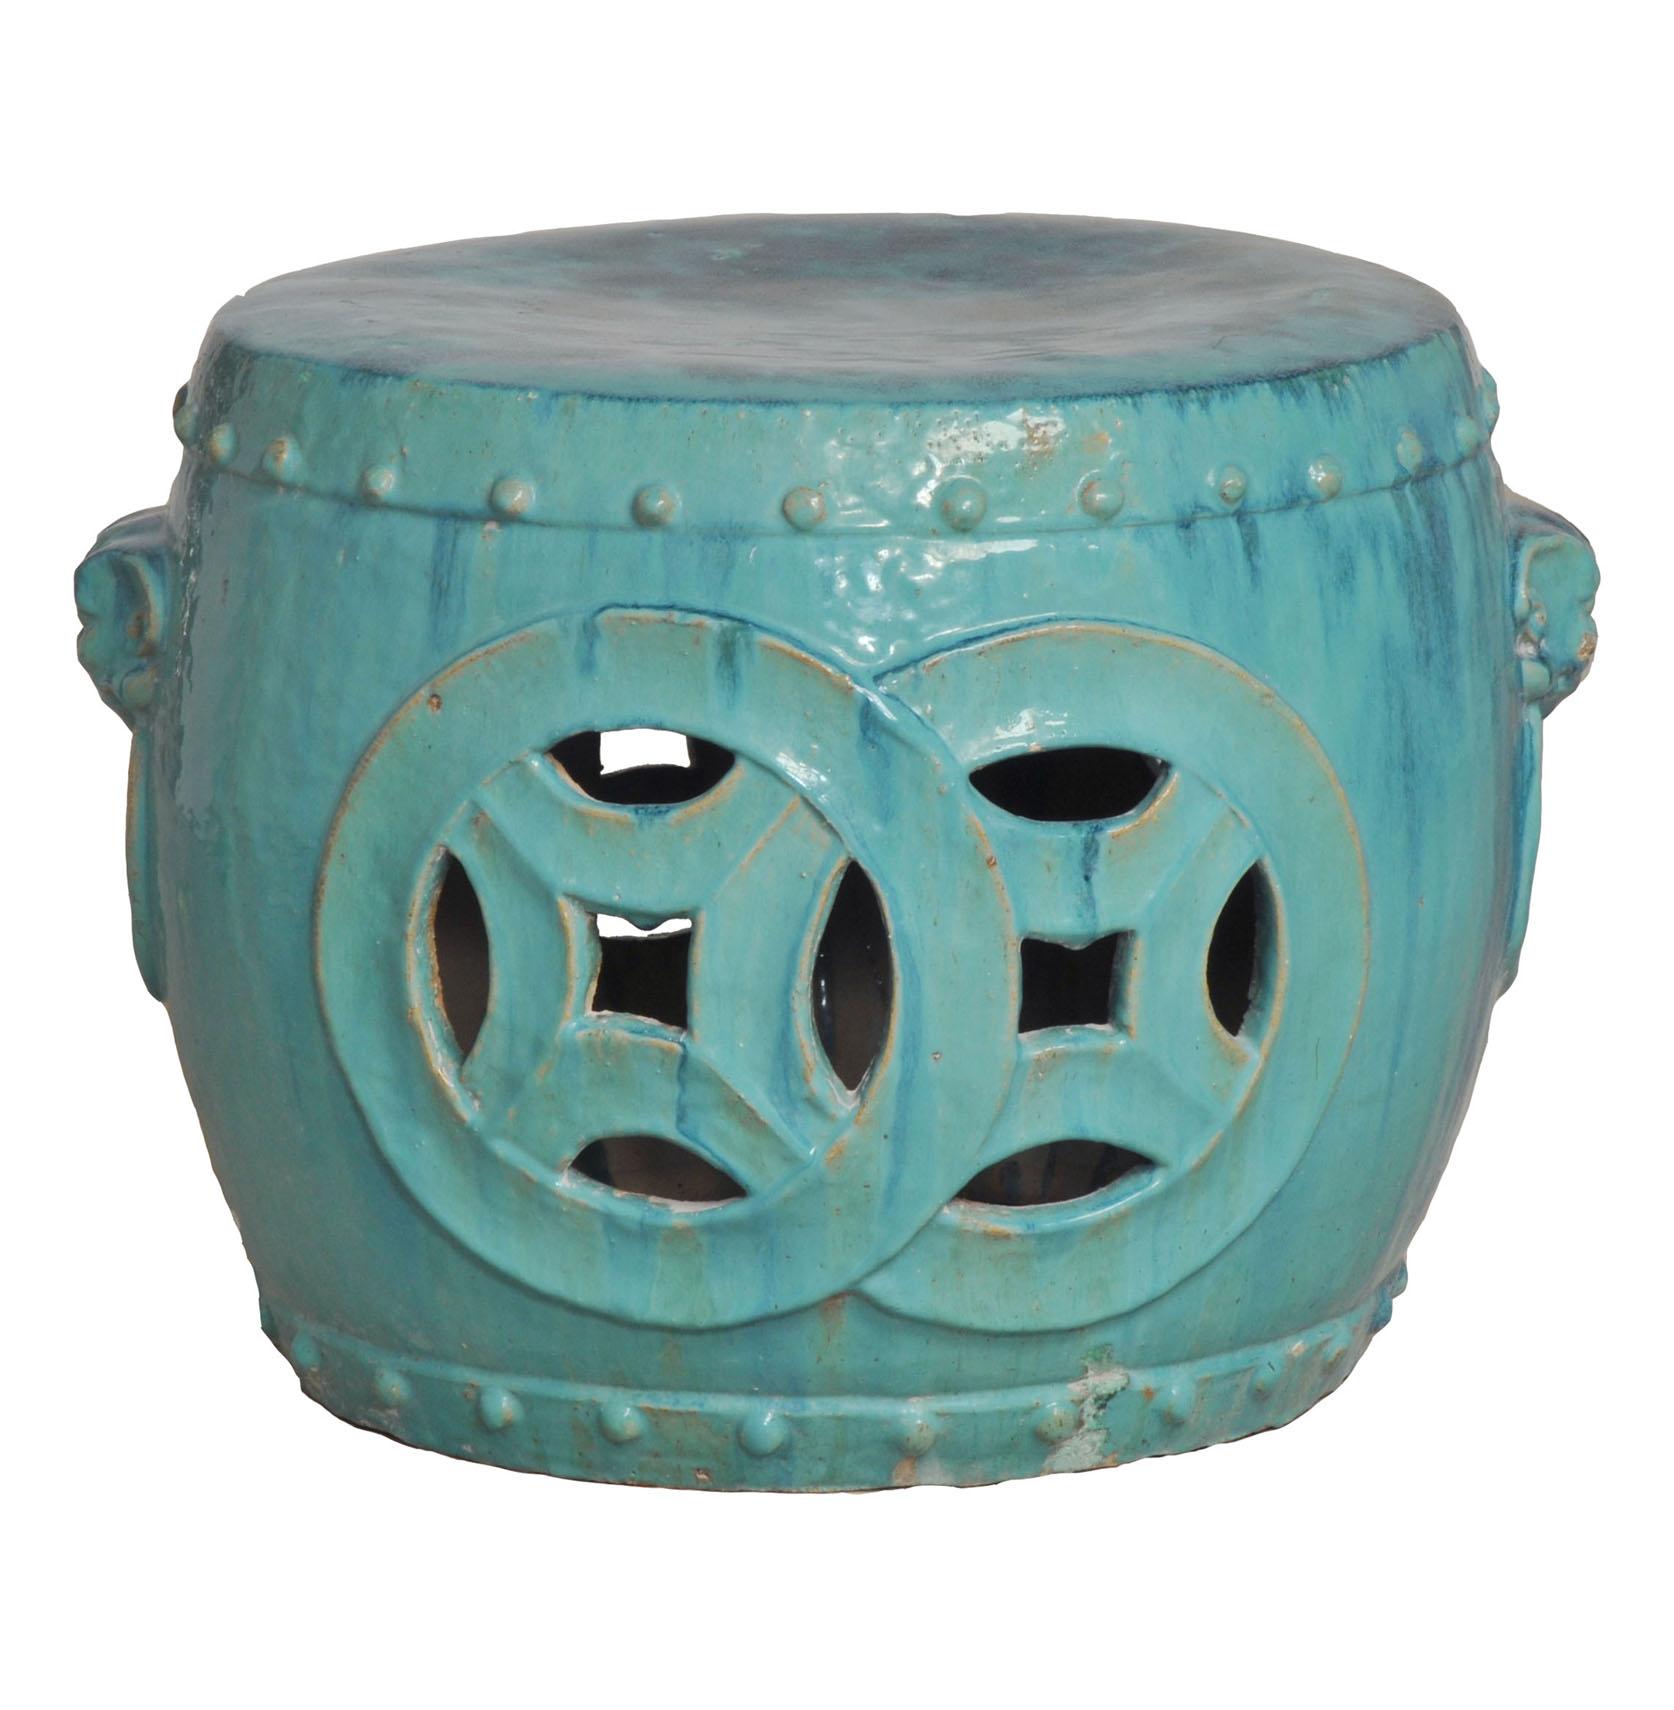 Antique Green Glaze Double Fortune Rare Garden Seat Drum 27 Inch